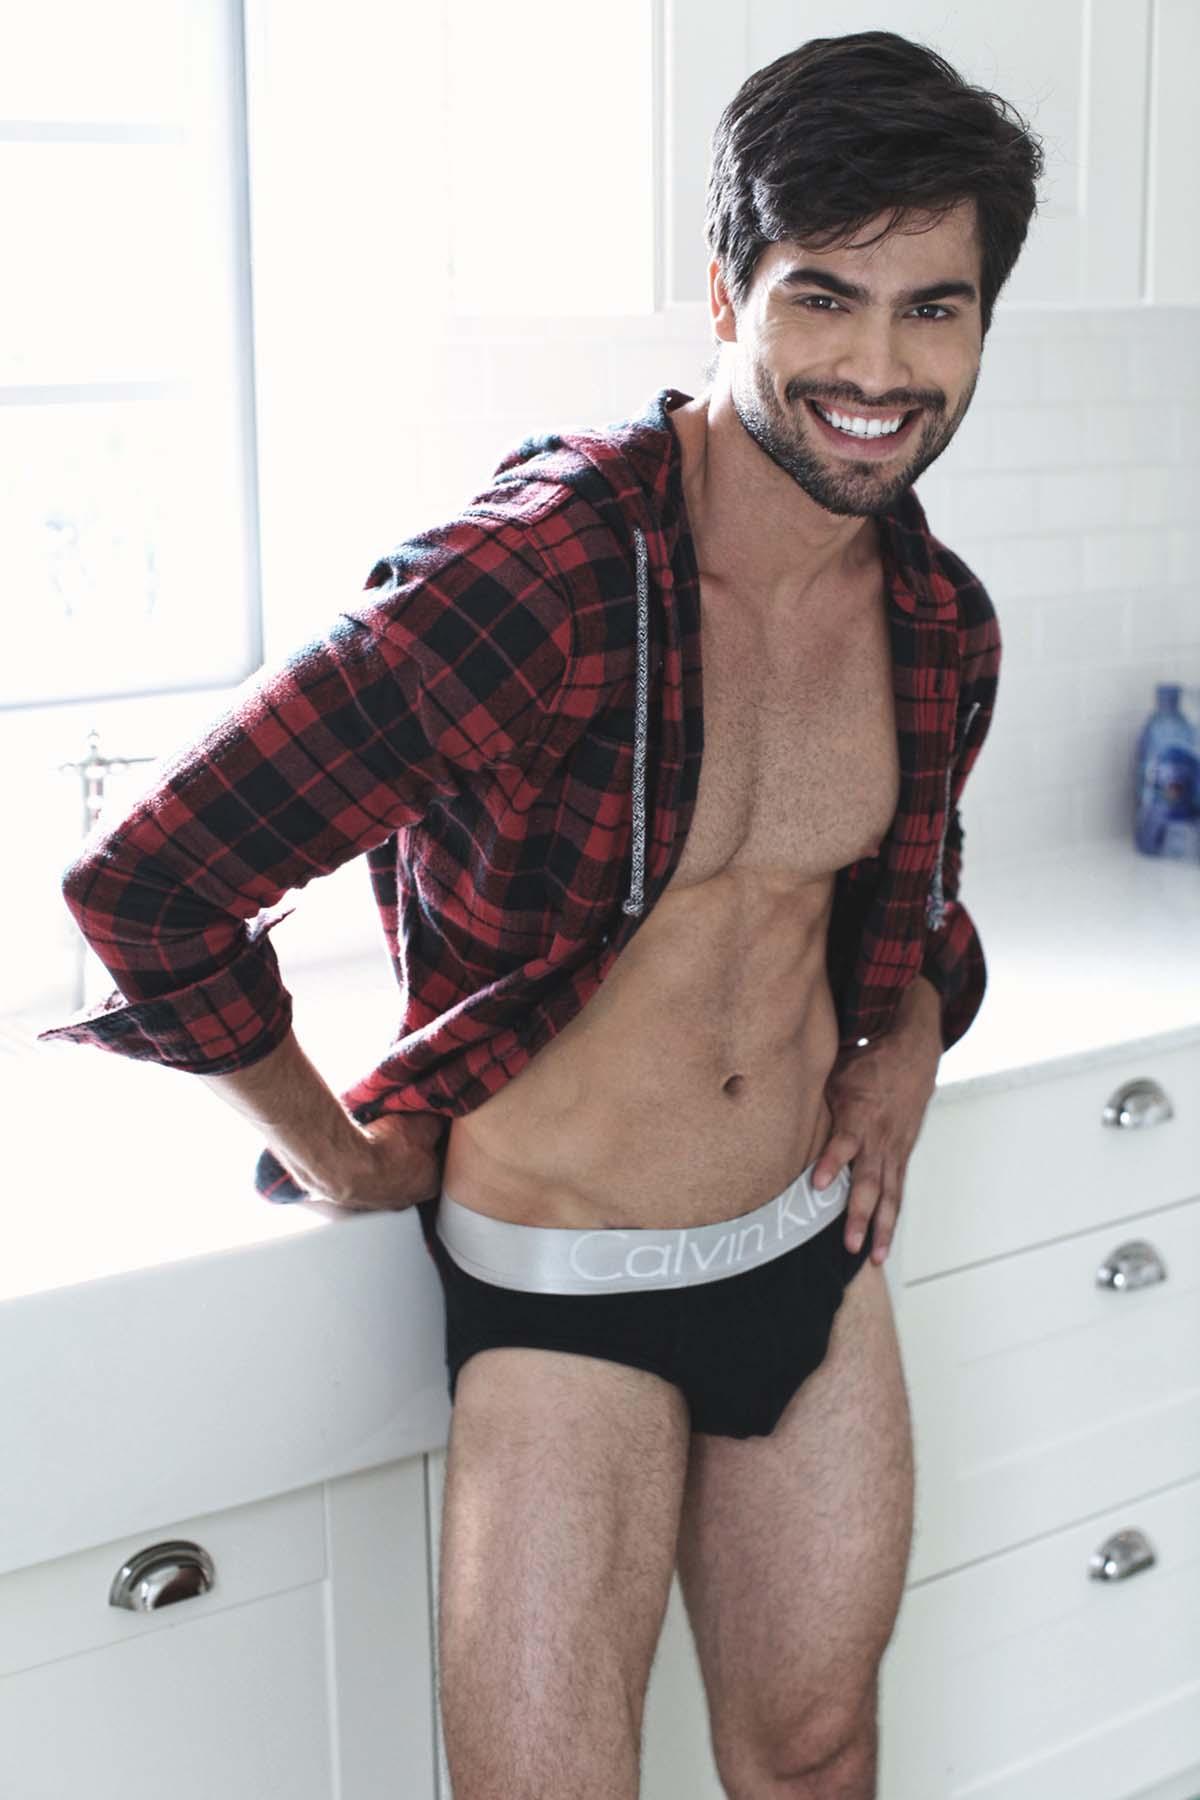 Welington Coelho by Lornss AlNaimi for Brazilian Male Model